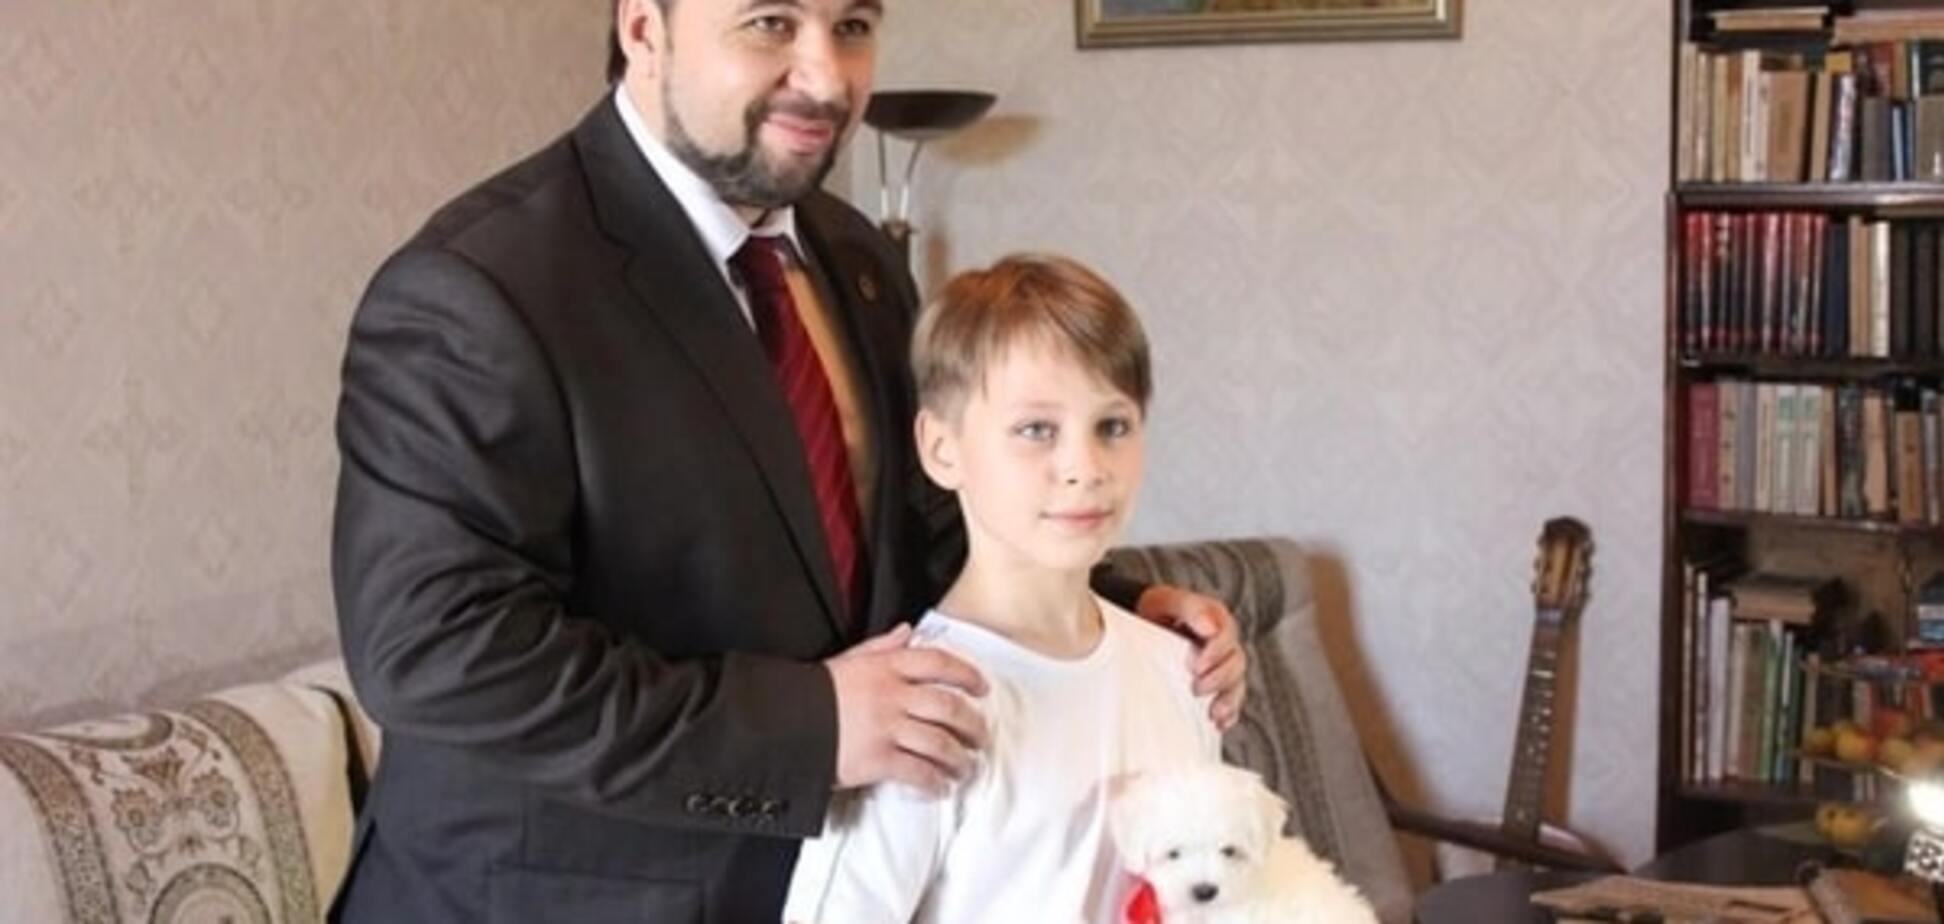 По стопам кумира. Пушилин по примеру Путина подарил ребенку щенка: фотофакт